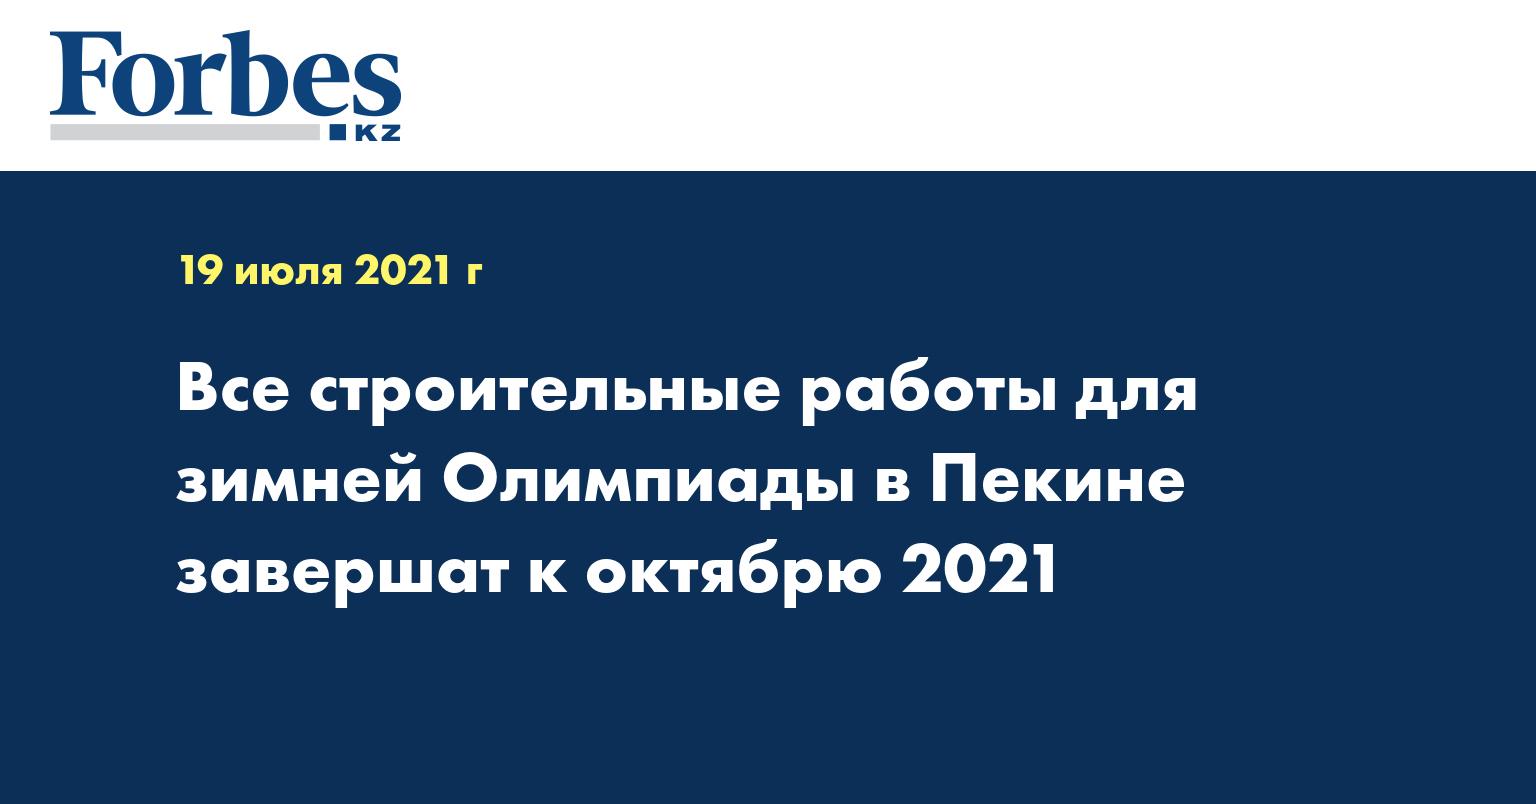 Все строительные работы для зимней Олимпиады в Пекине завершат к октябрю 2021